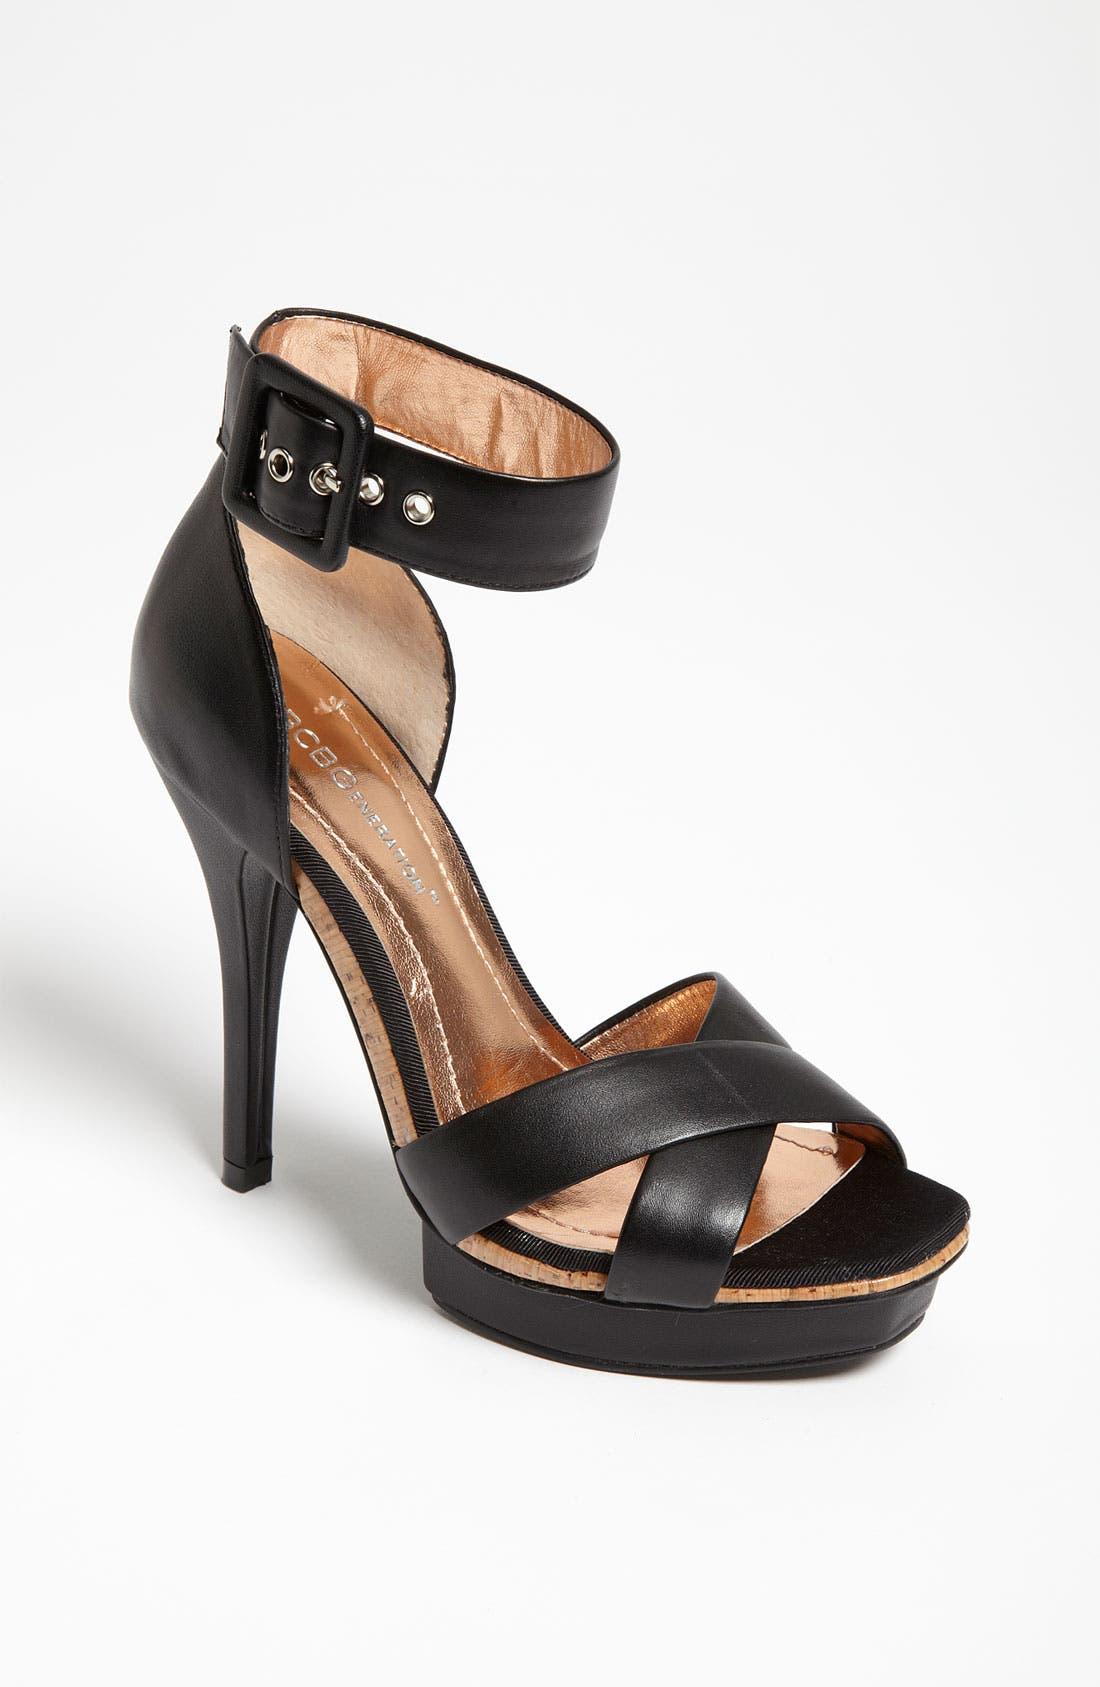 Main Image - BCBGeneration 'Zenas' Sandal